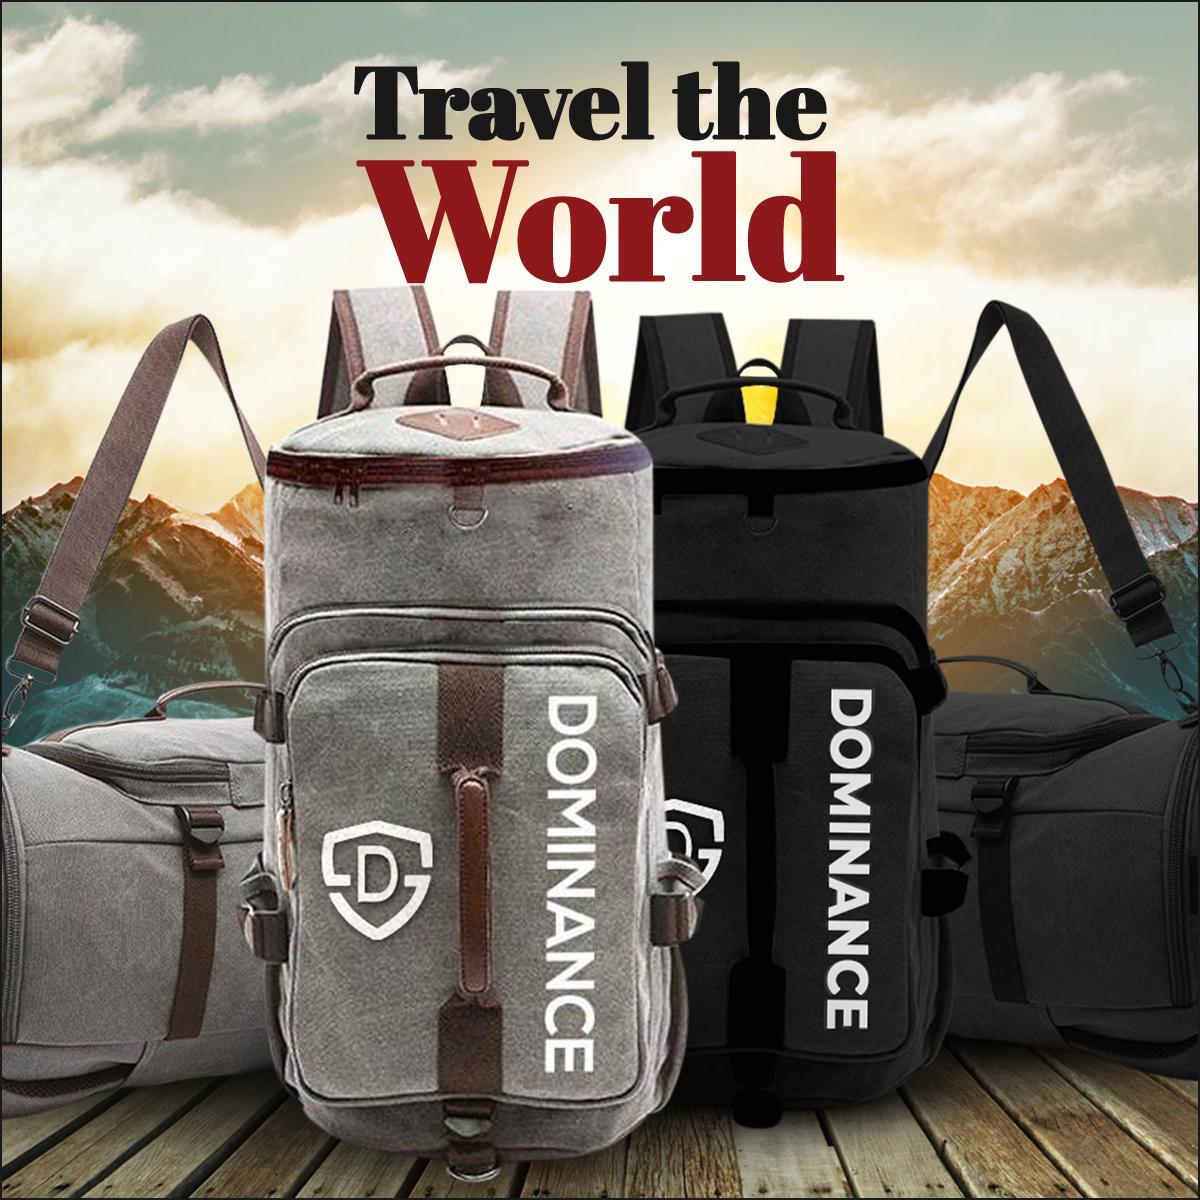 45-L Trekking Backpack Bag for men travelling and hiking bag, Gym Bag Grey & Black Travel Bag  Weekend Luggage Tour Bag,Backpack Bag for Men Women